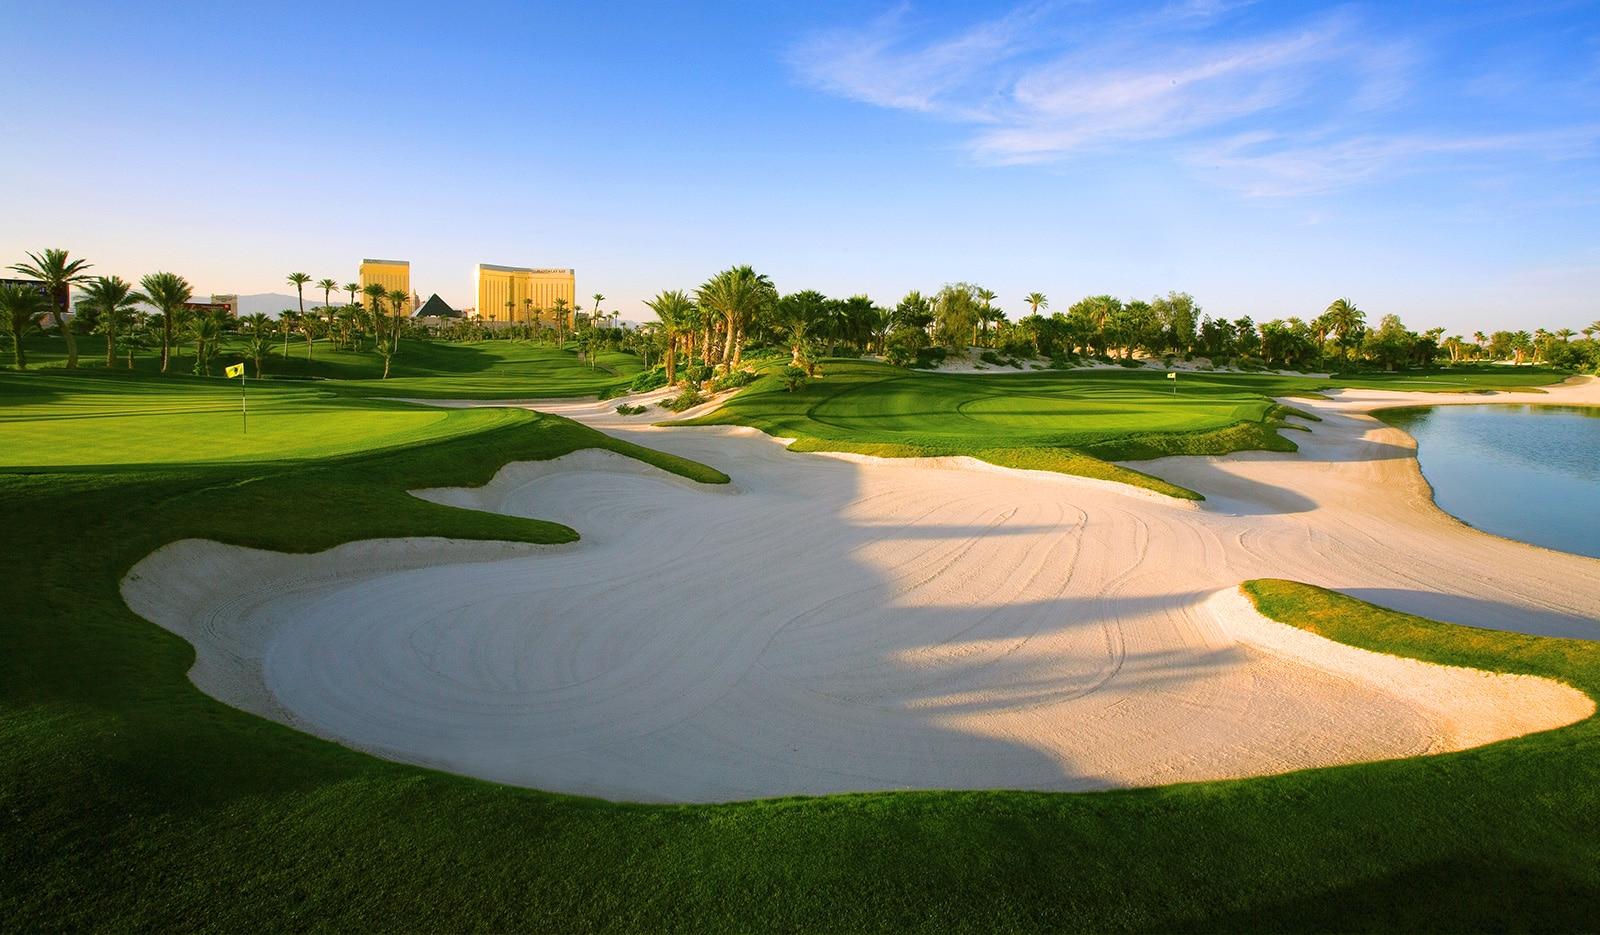 Bali Hai Golf Course